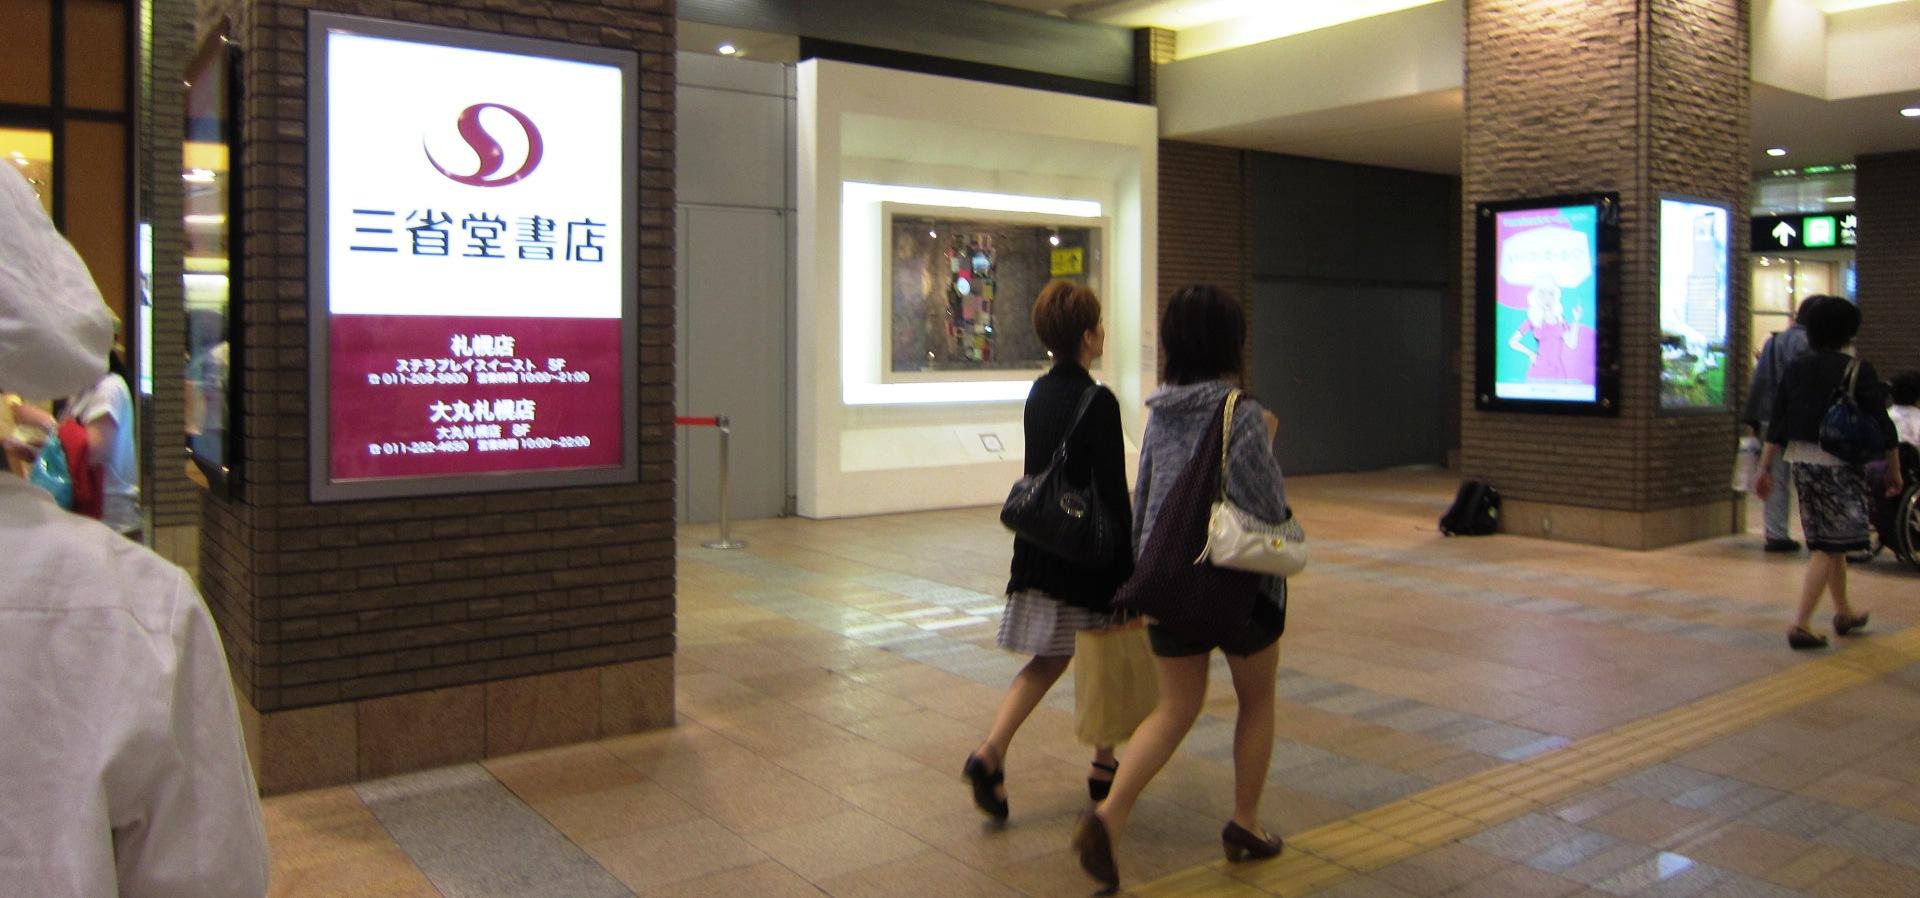 2394)「磯崎道佳 [笑う鏡 smile on the mirror]」 JRタワーARTBOX 6月1日(日)~8月31日(日)_f0126829_8302383.jpg